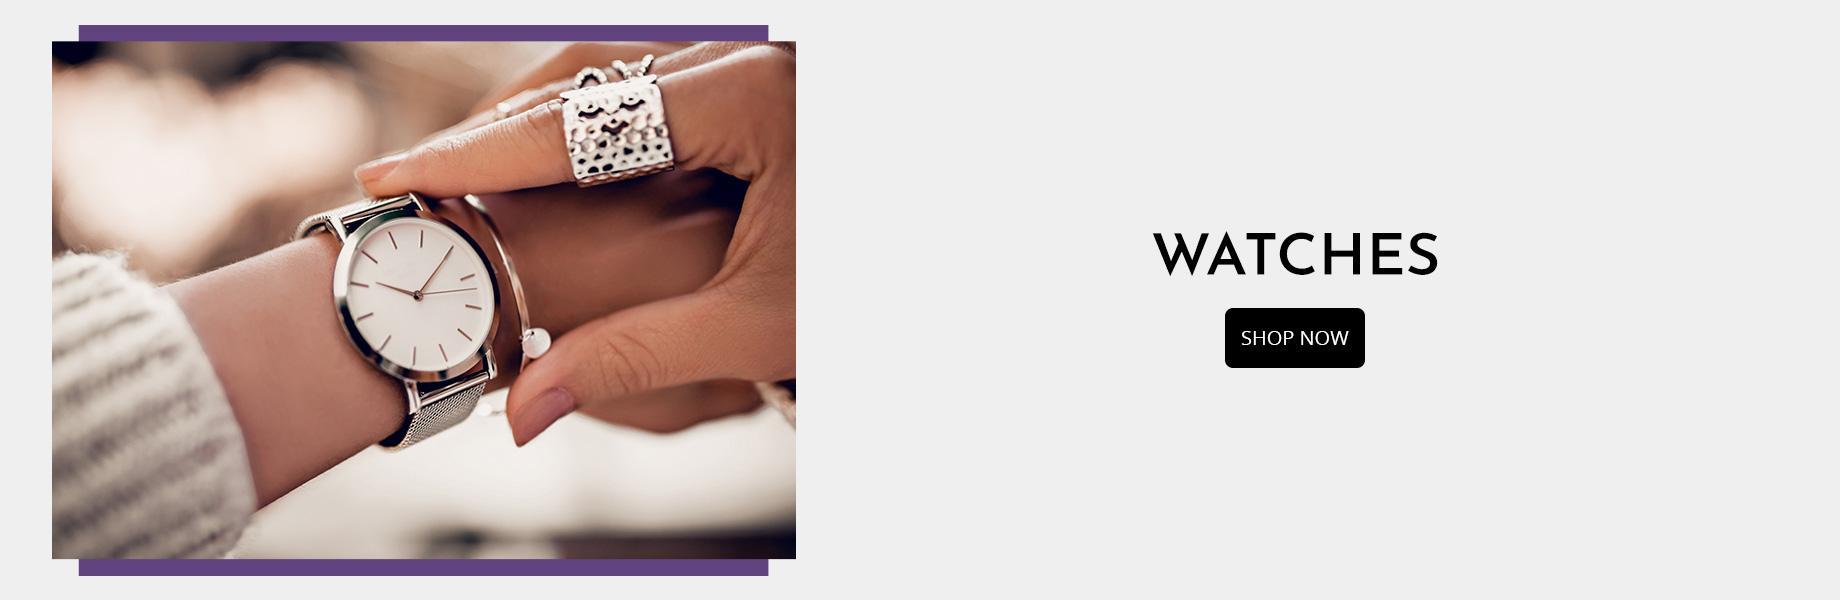 Women's-Brand-Static-Watches-Web.jpg